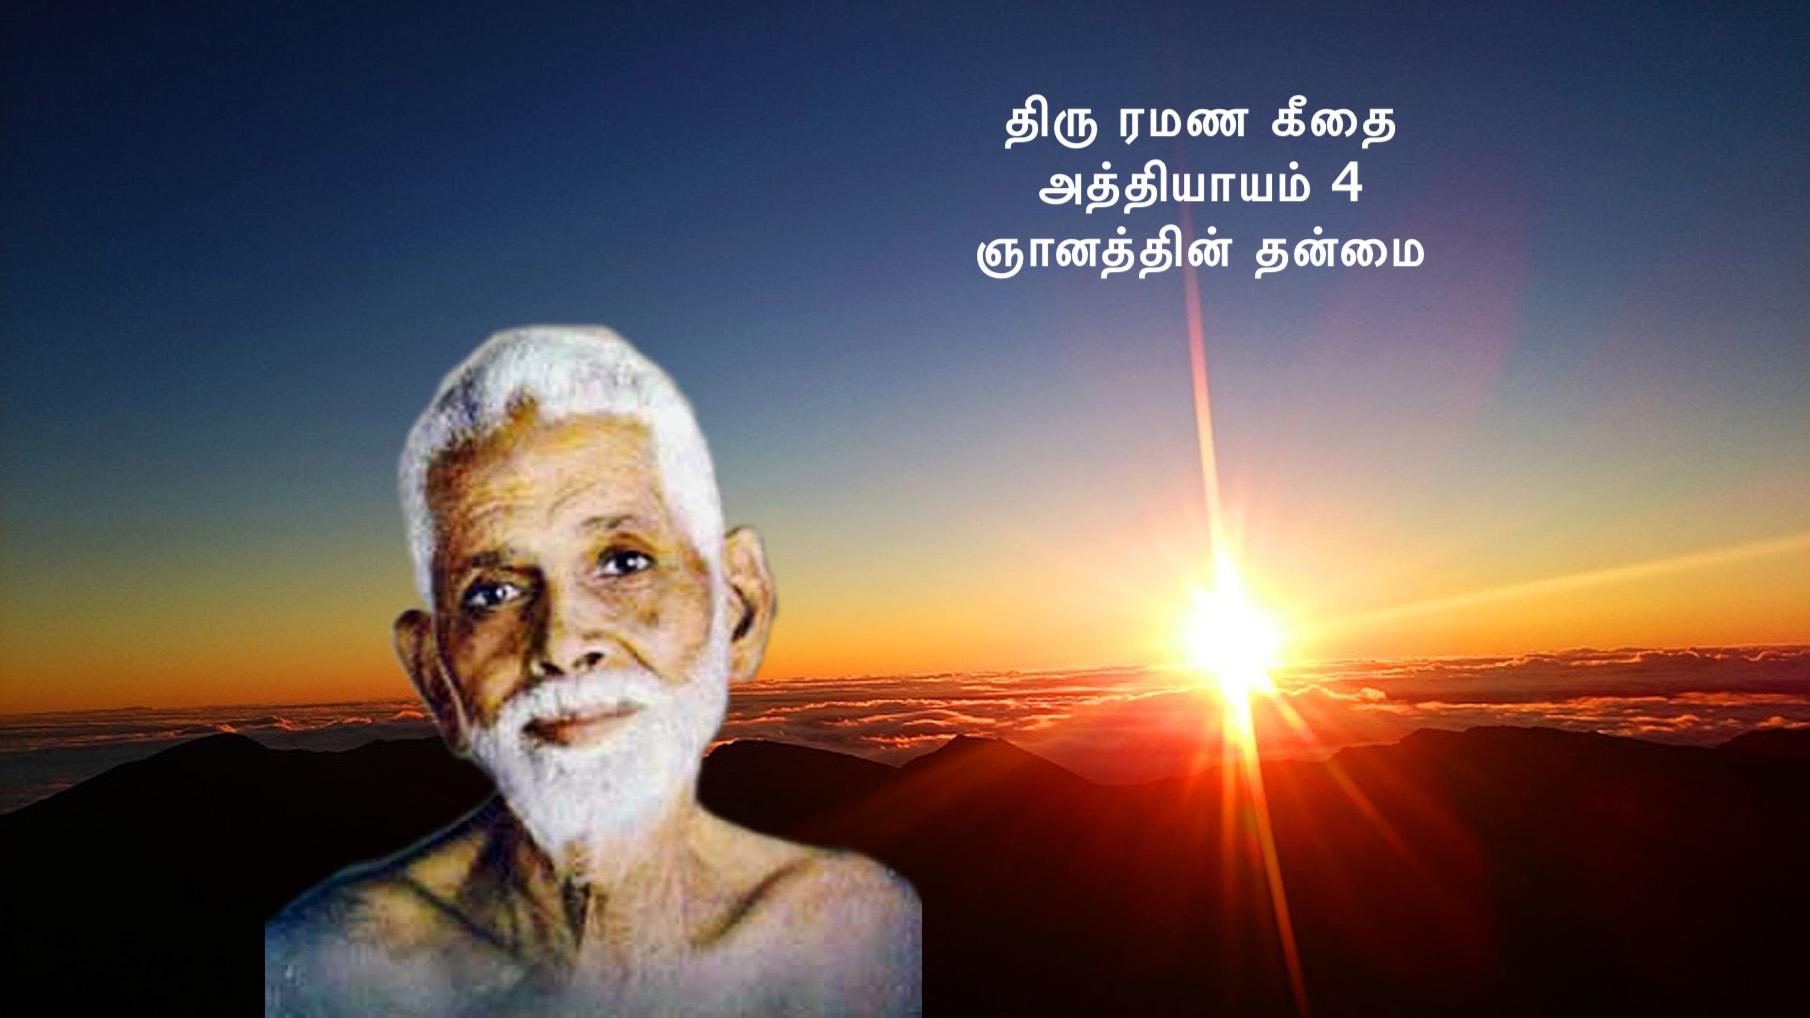 ரமண கீதை - அத்தியாயம் 4 - ஞானத்தின் தன்மை